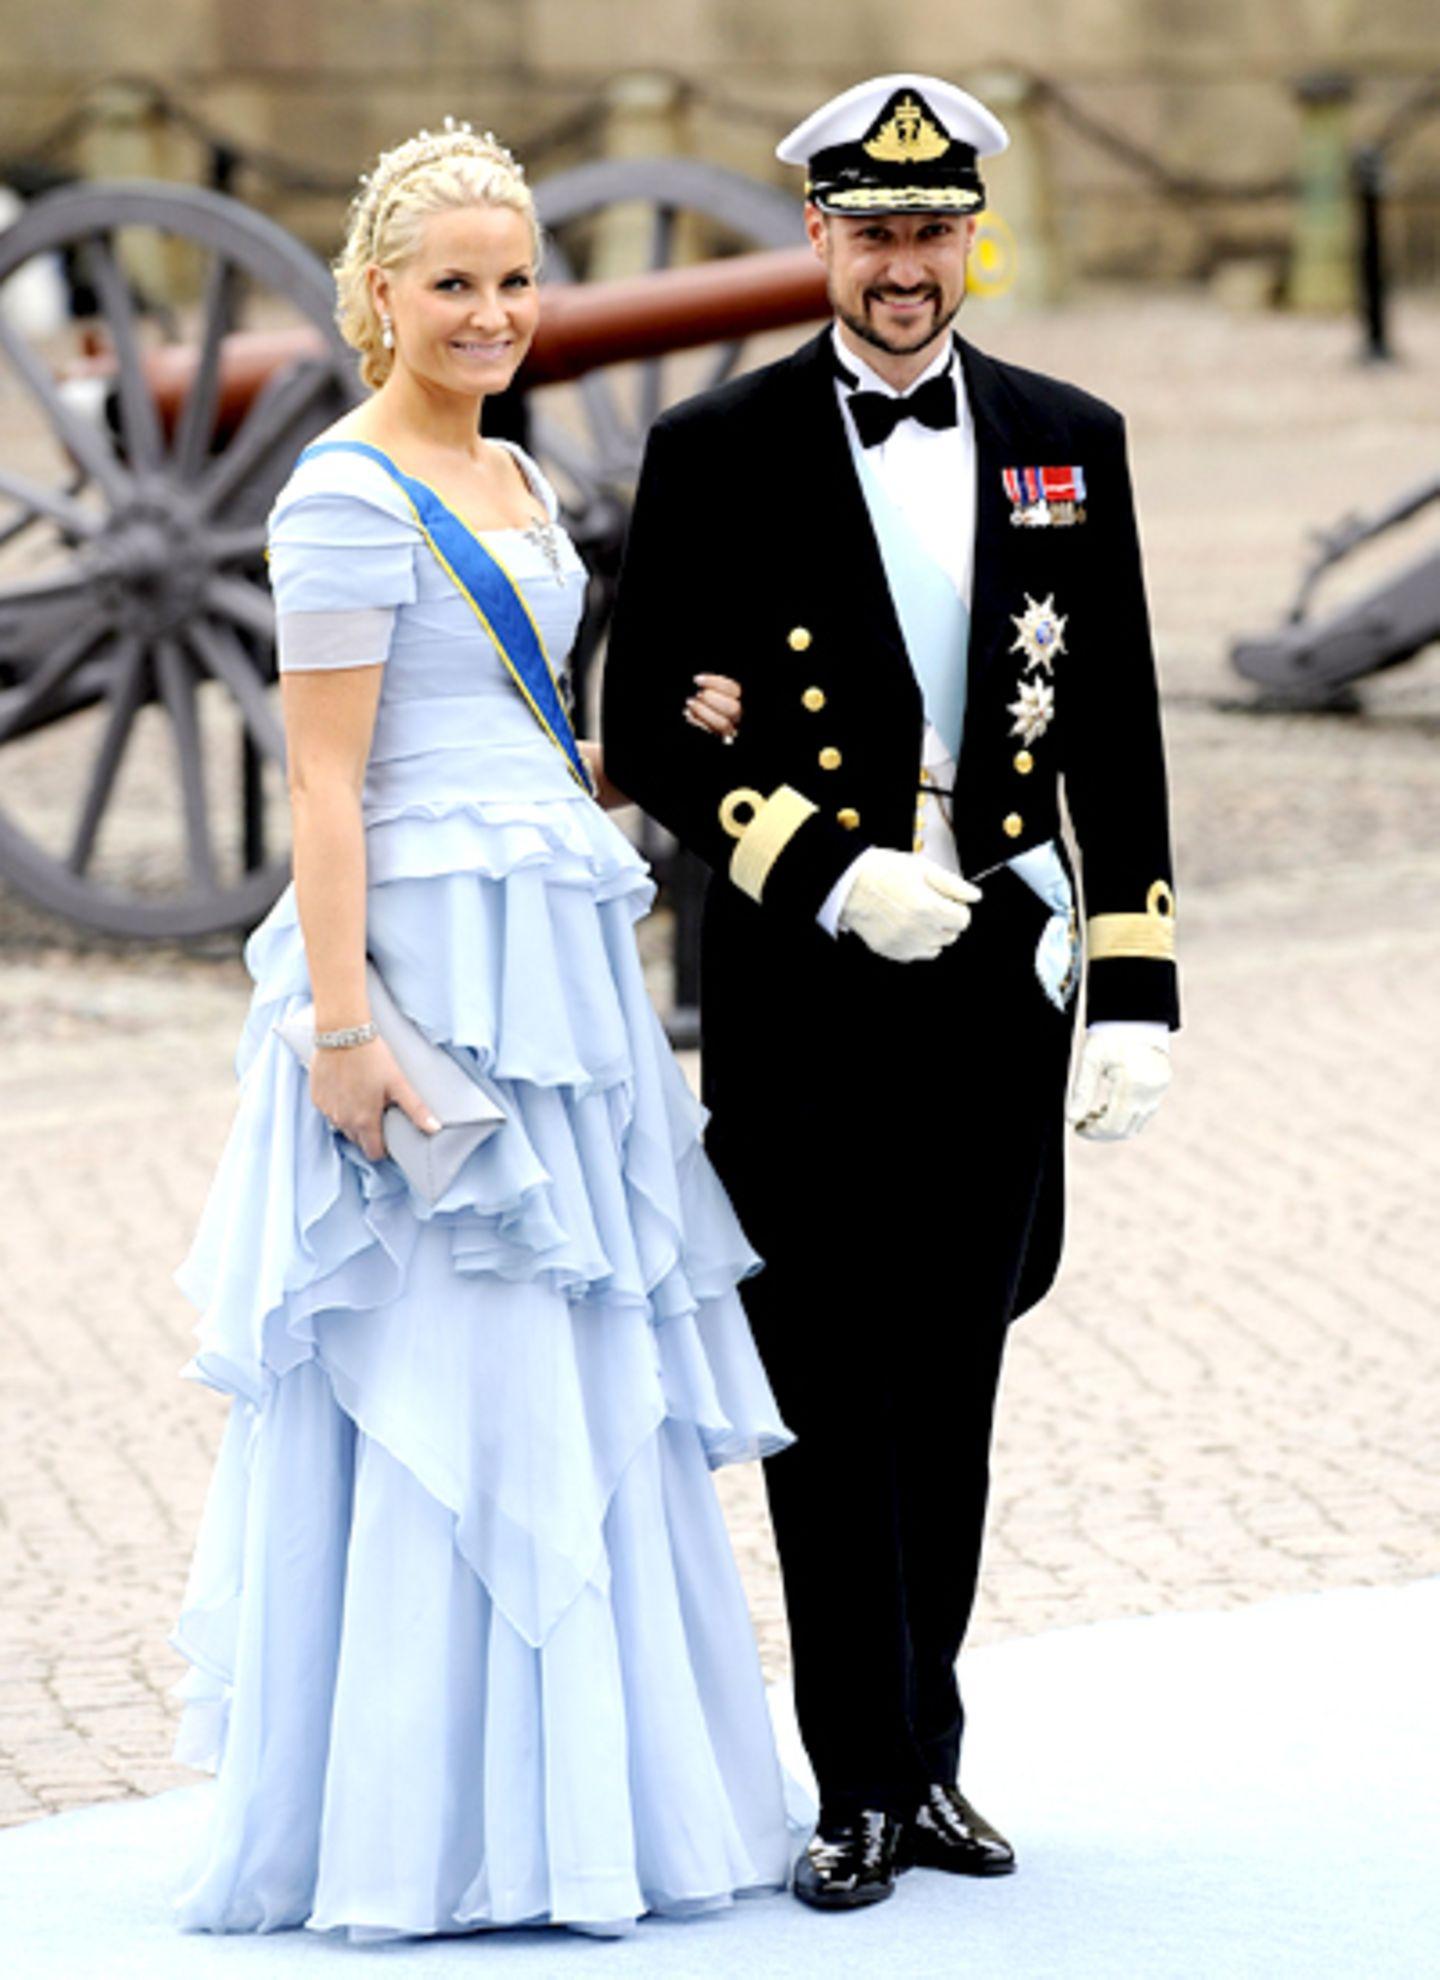 Prinzessin Mette-Marit und ihr Mann, Prinz Haakon von Norwegen, sind einfach ein wunderschönes Paar.